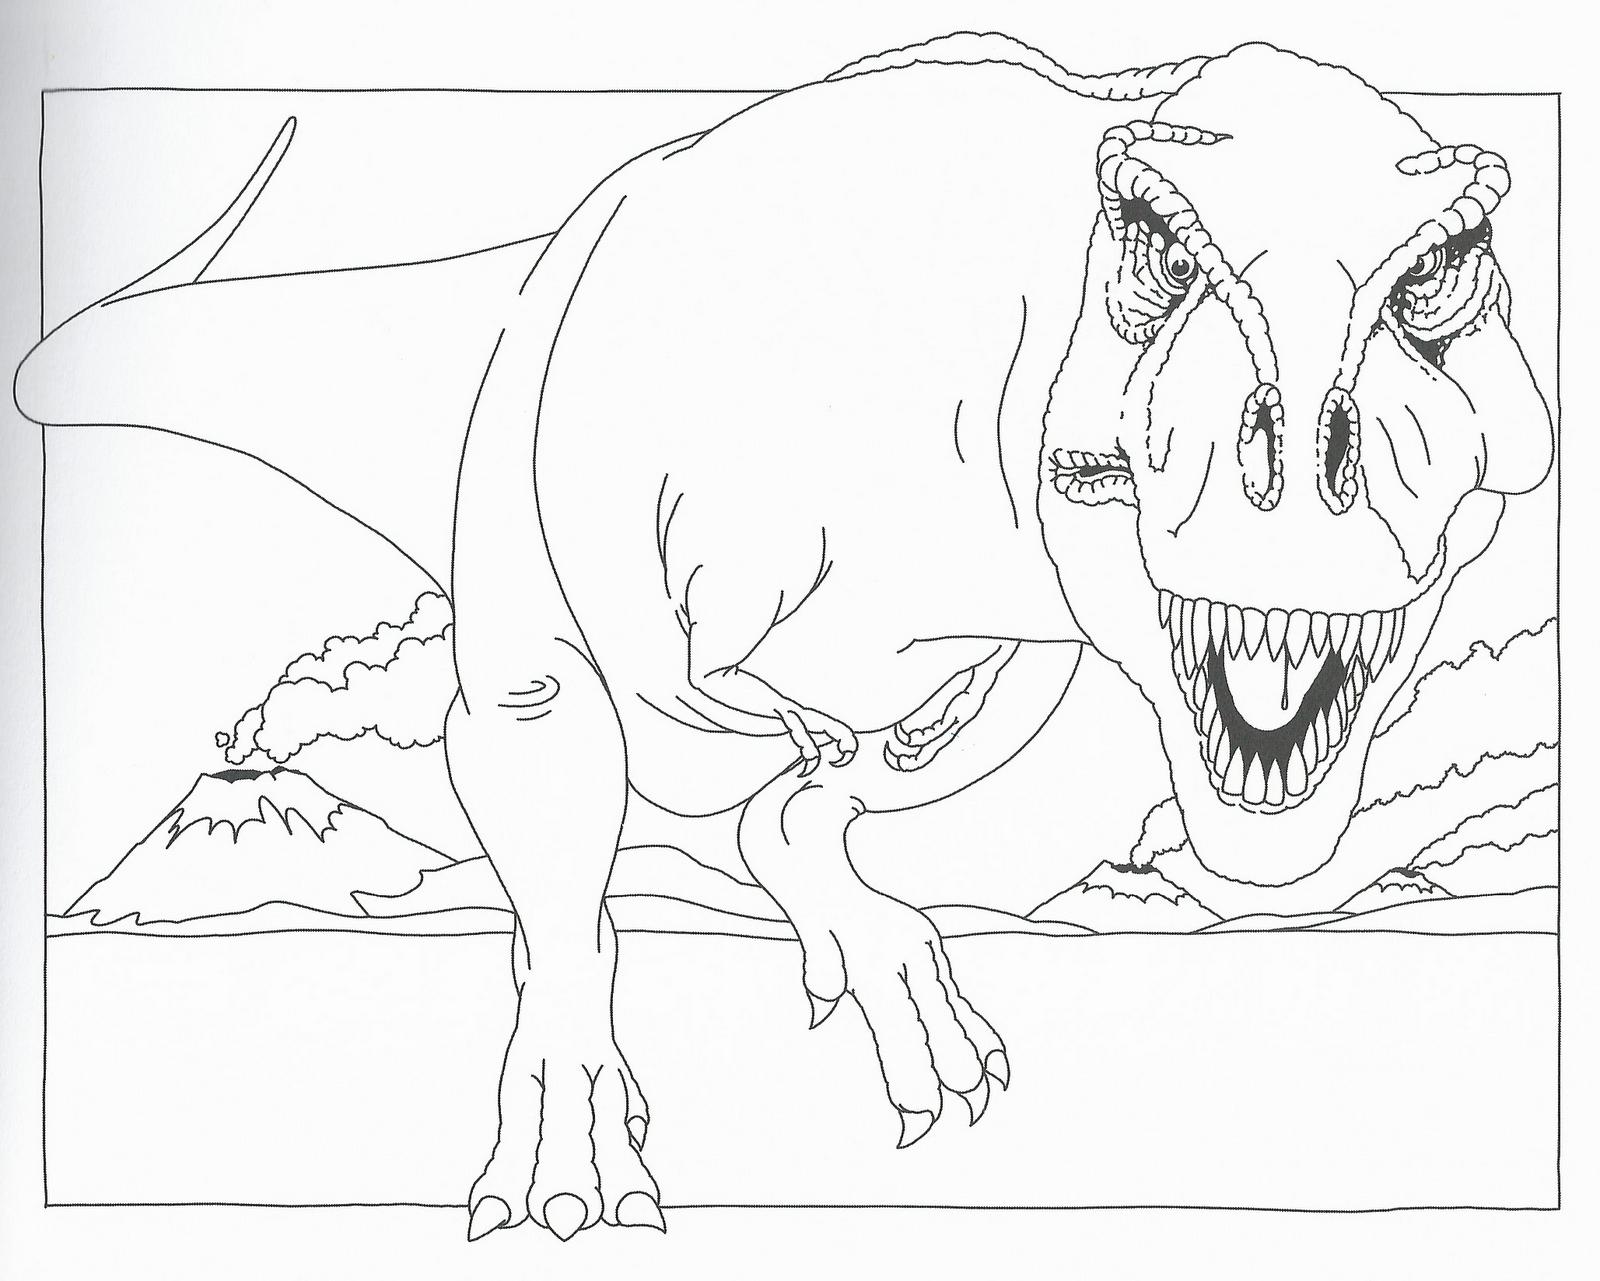 Disegni da colorare disegni da colorare i dinosauri for Disegni di girasoli da colorare